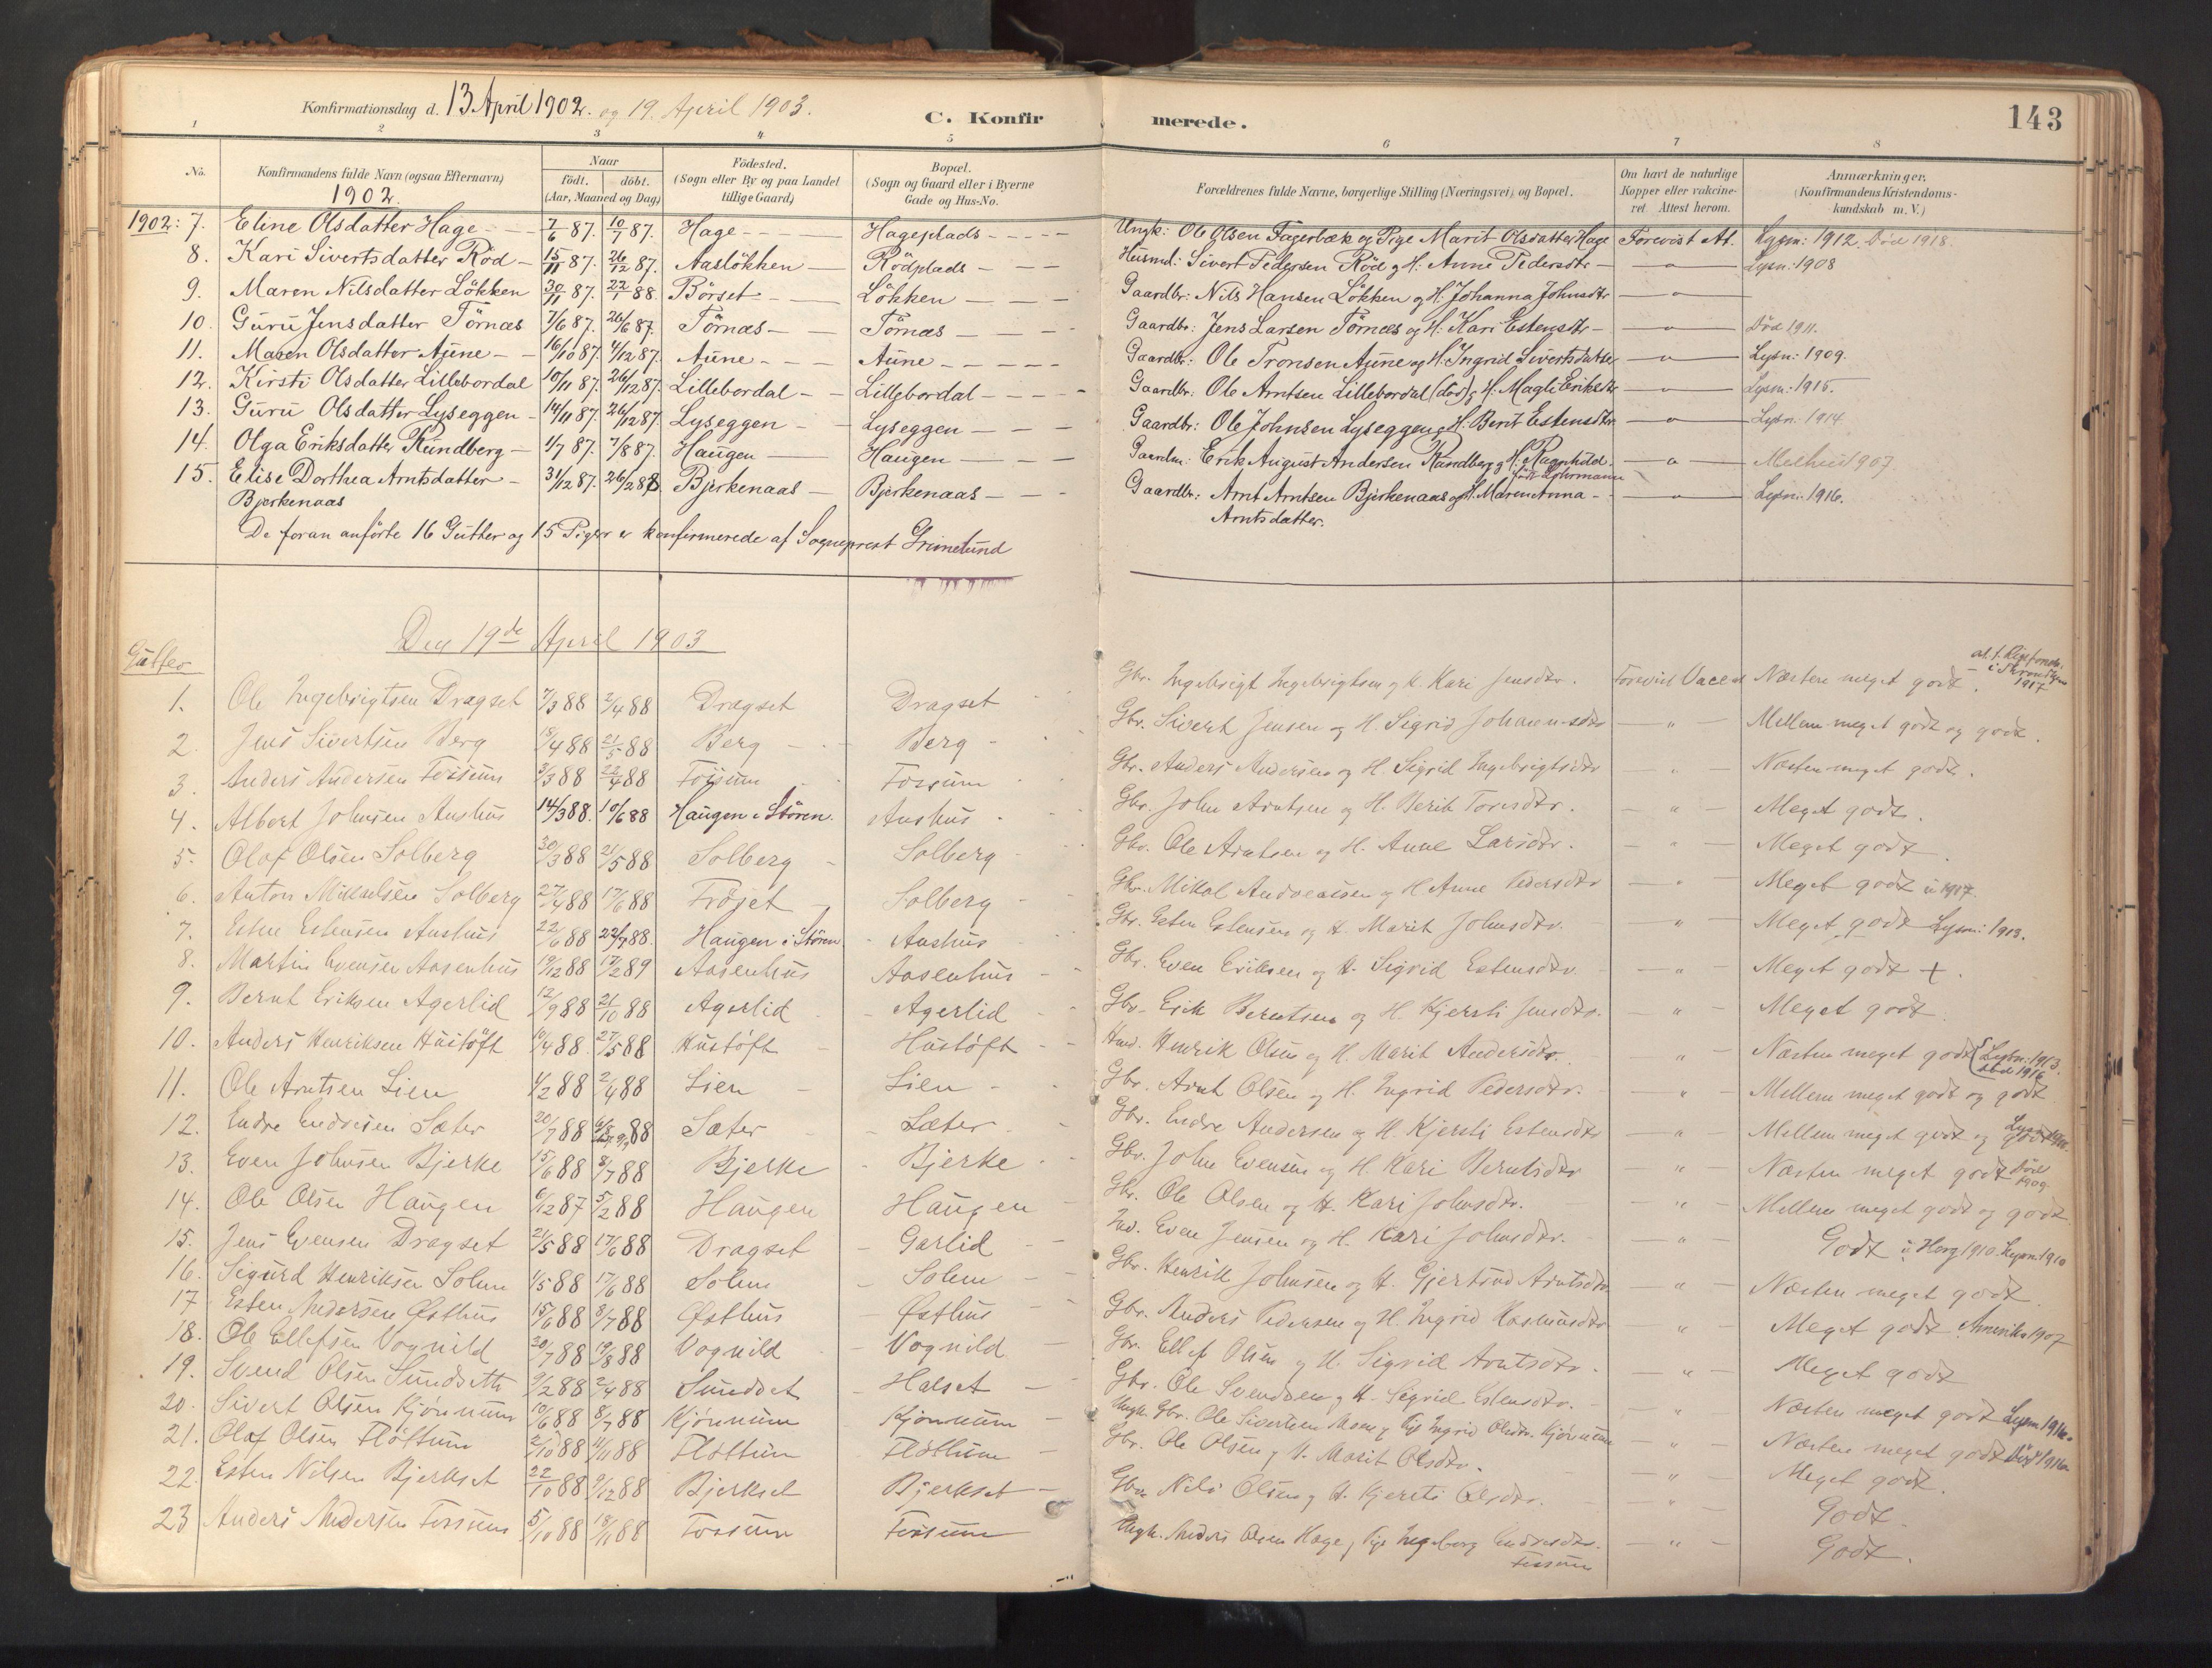 SAT, Ministerialprotokoller, klokkerbøker og fødselsregistre - Sør-Trøndelag, 689/L1041: Ministerialbok nr. 689A06, 1891-1923, s. 143